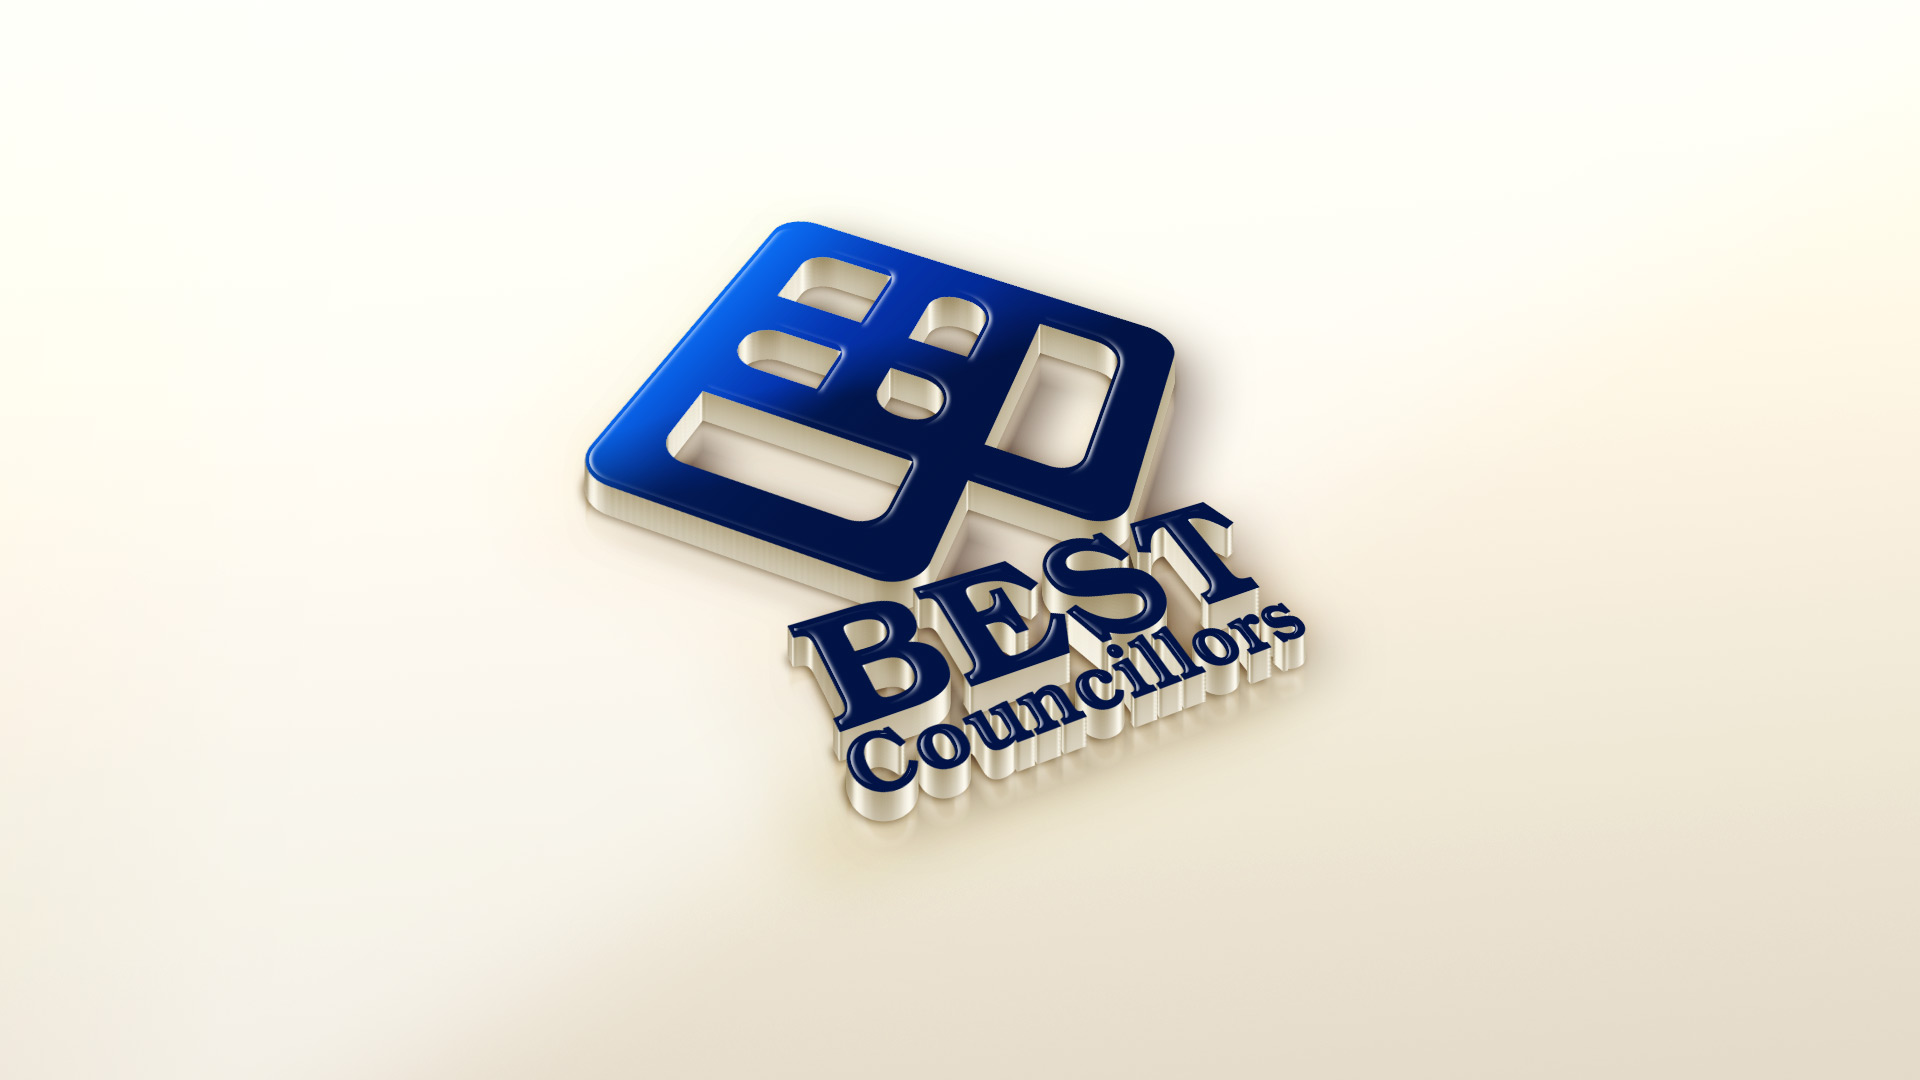 best councillors group logo design portfolio by vazirstudio.com